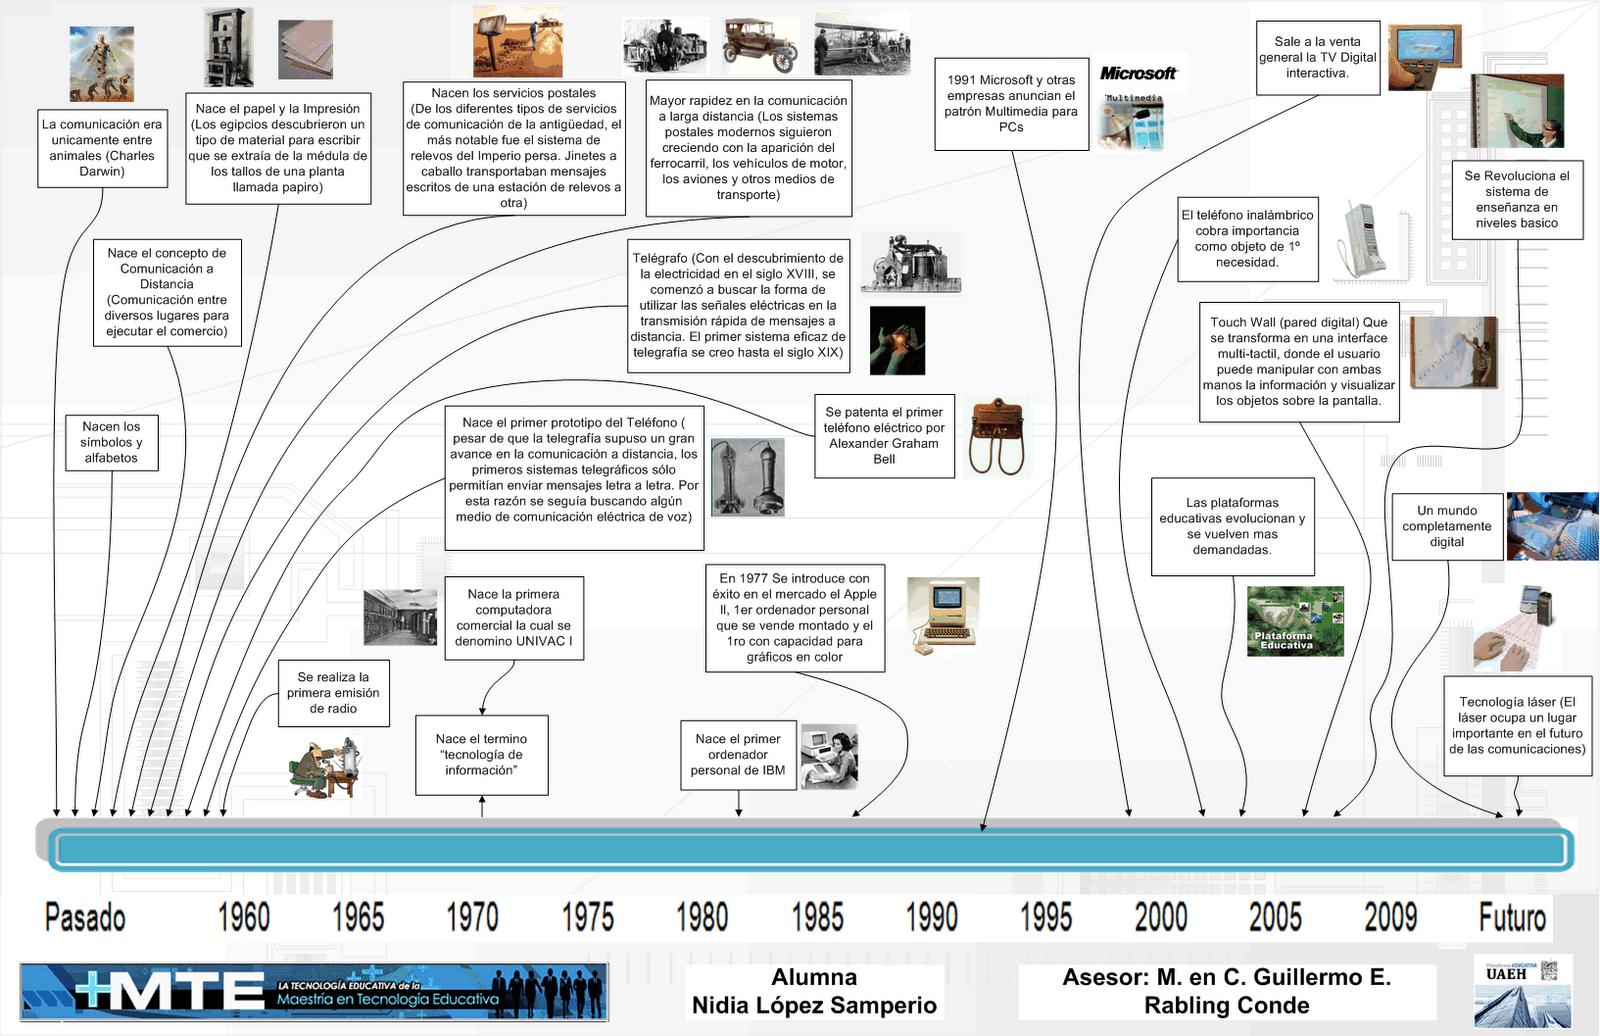 Aqui tienes una linea de tiempo sobre la historia y evolución de la ...